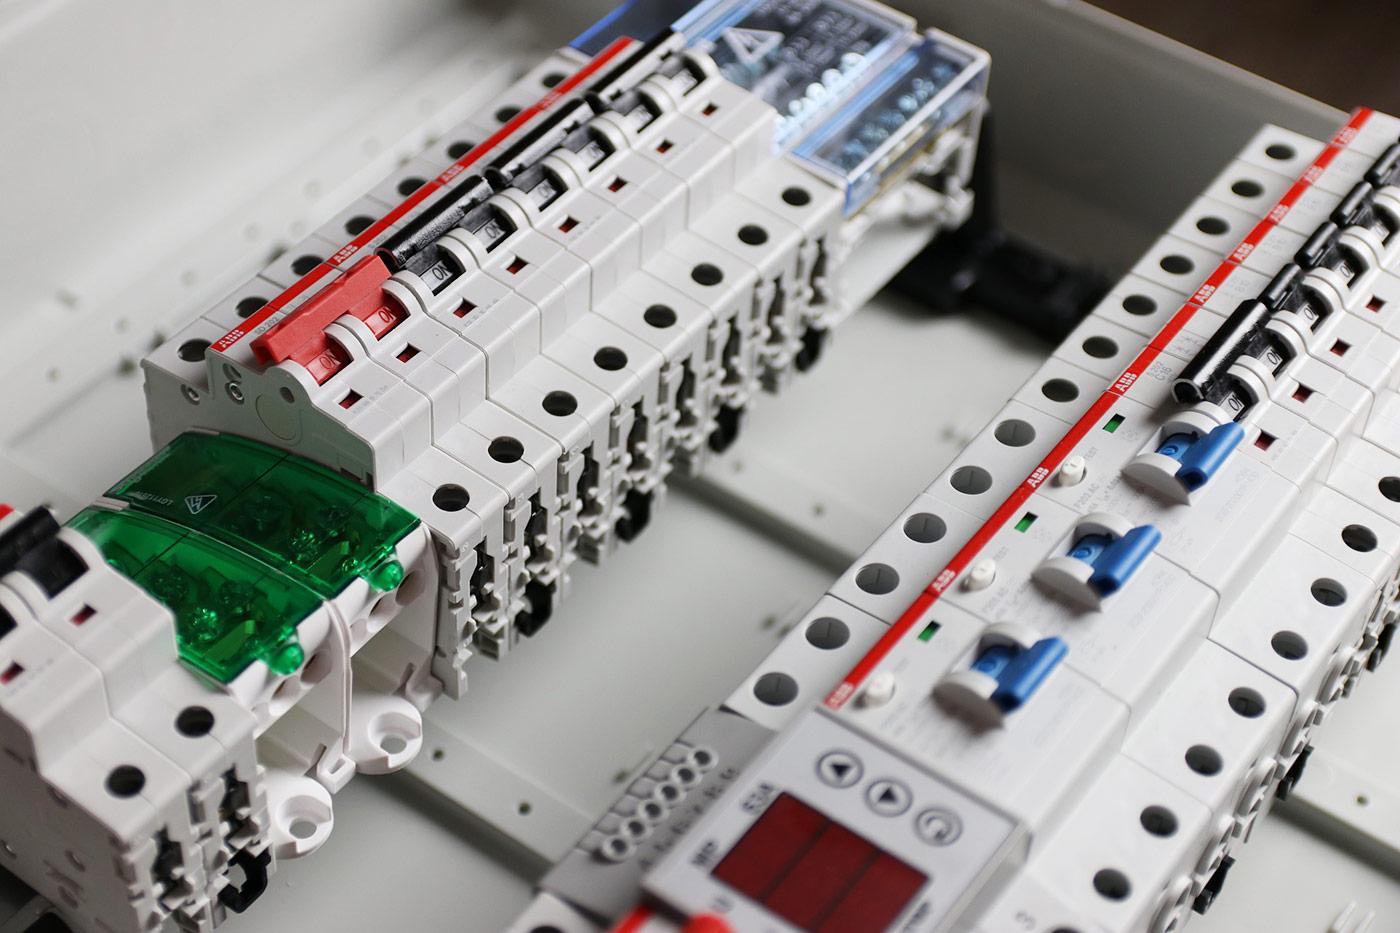 Elektroinstallationen – Anforderungen/Prüfung